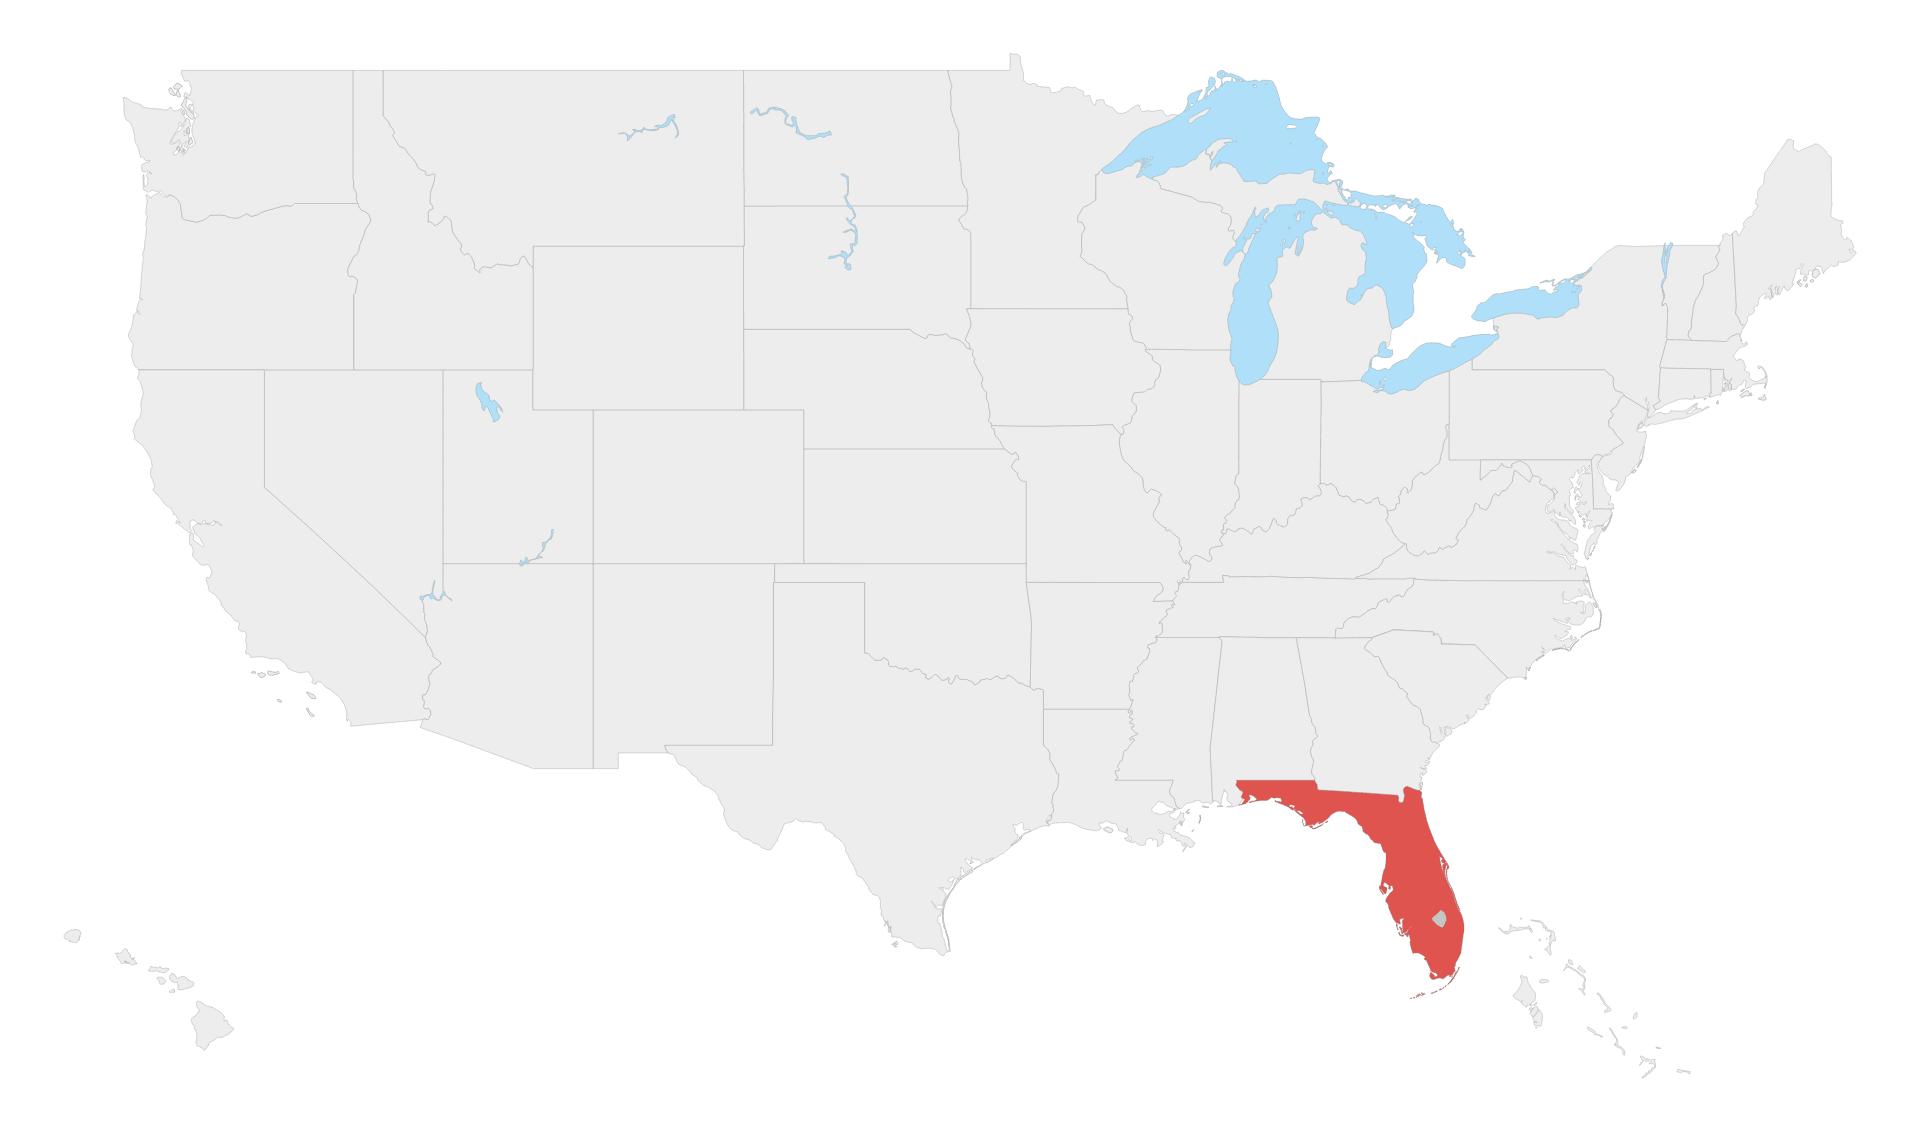 Karte Florida, USA